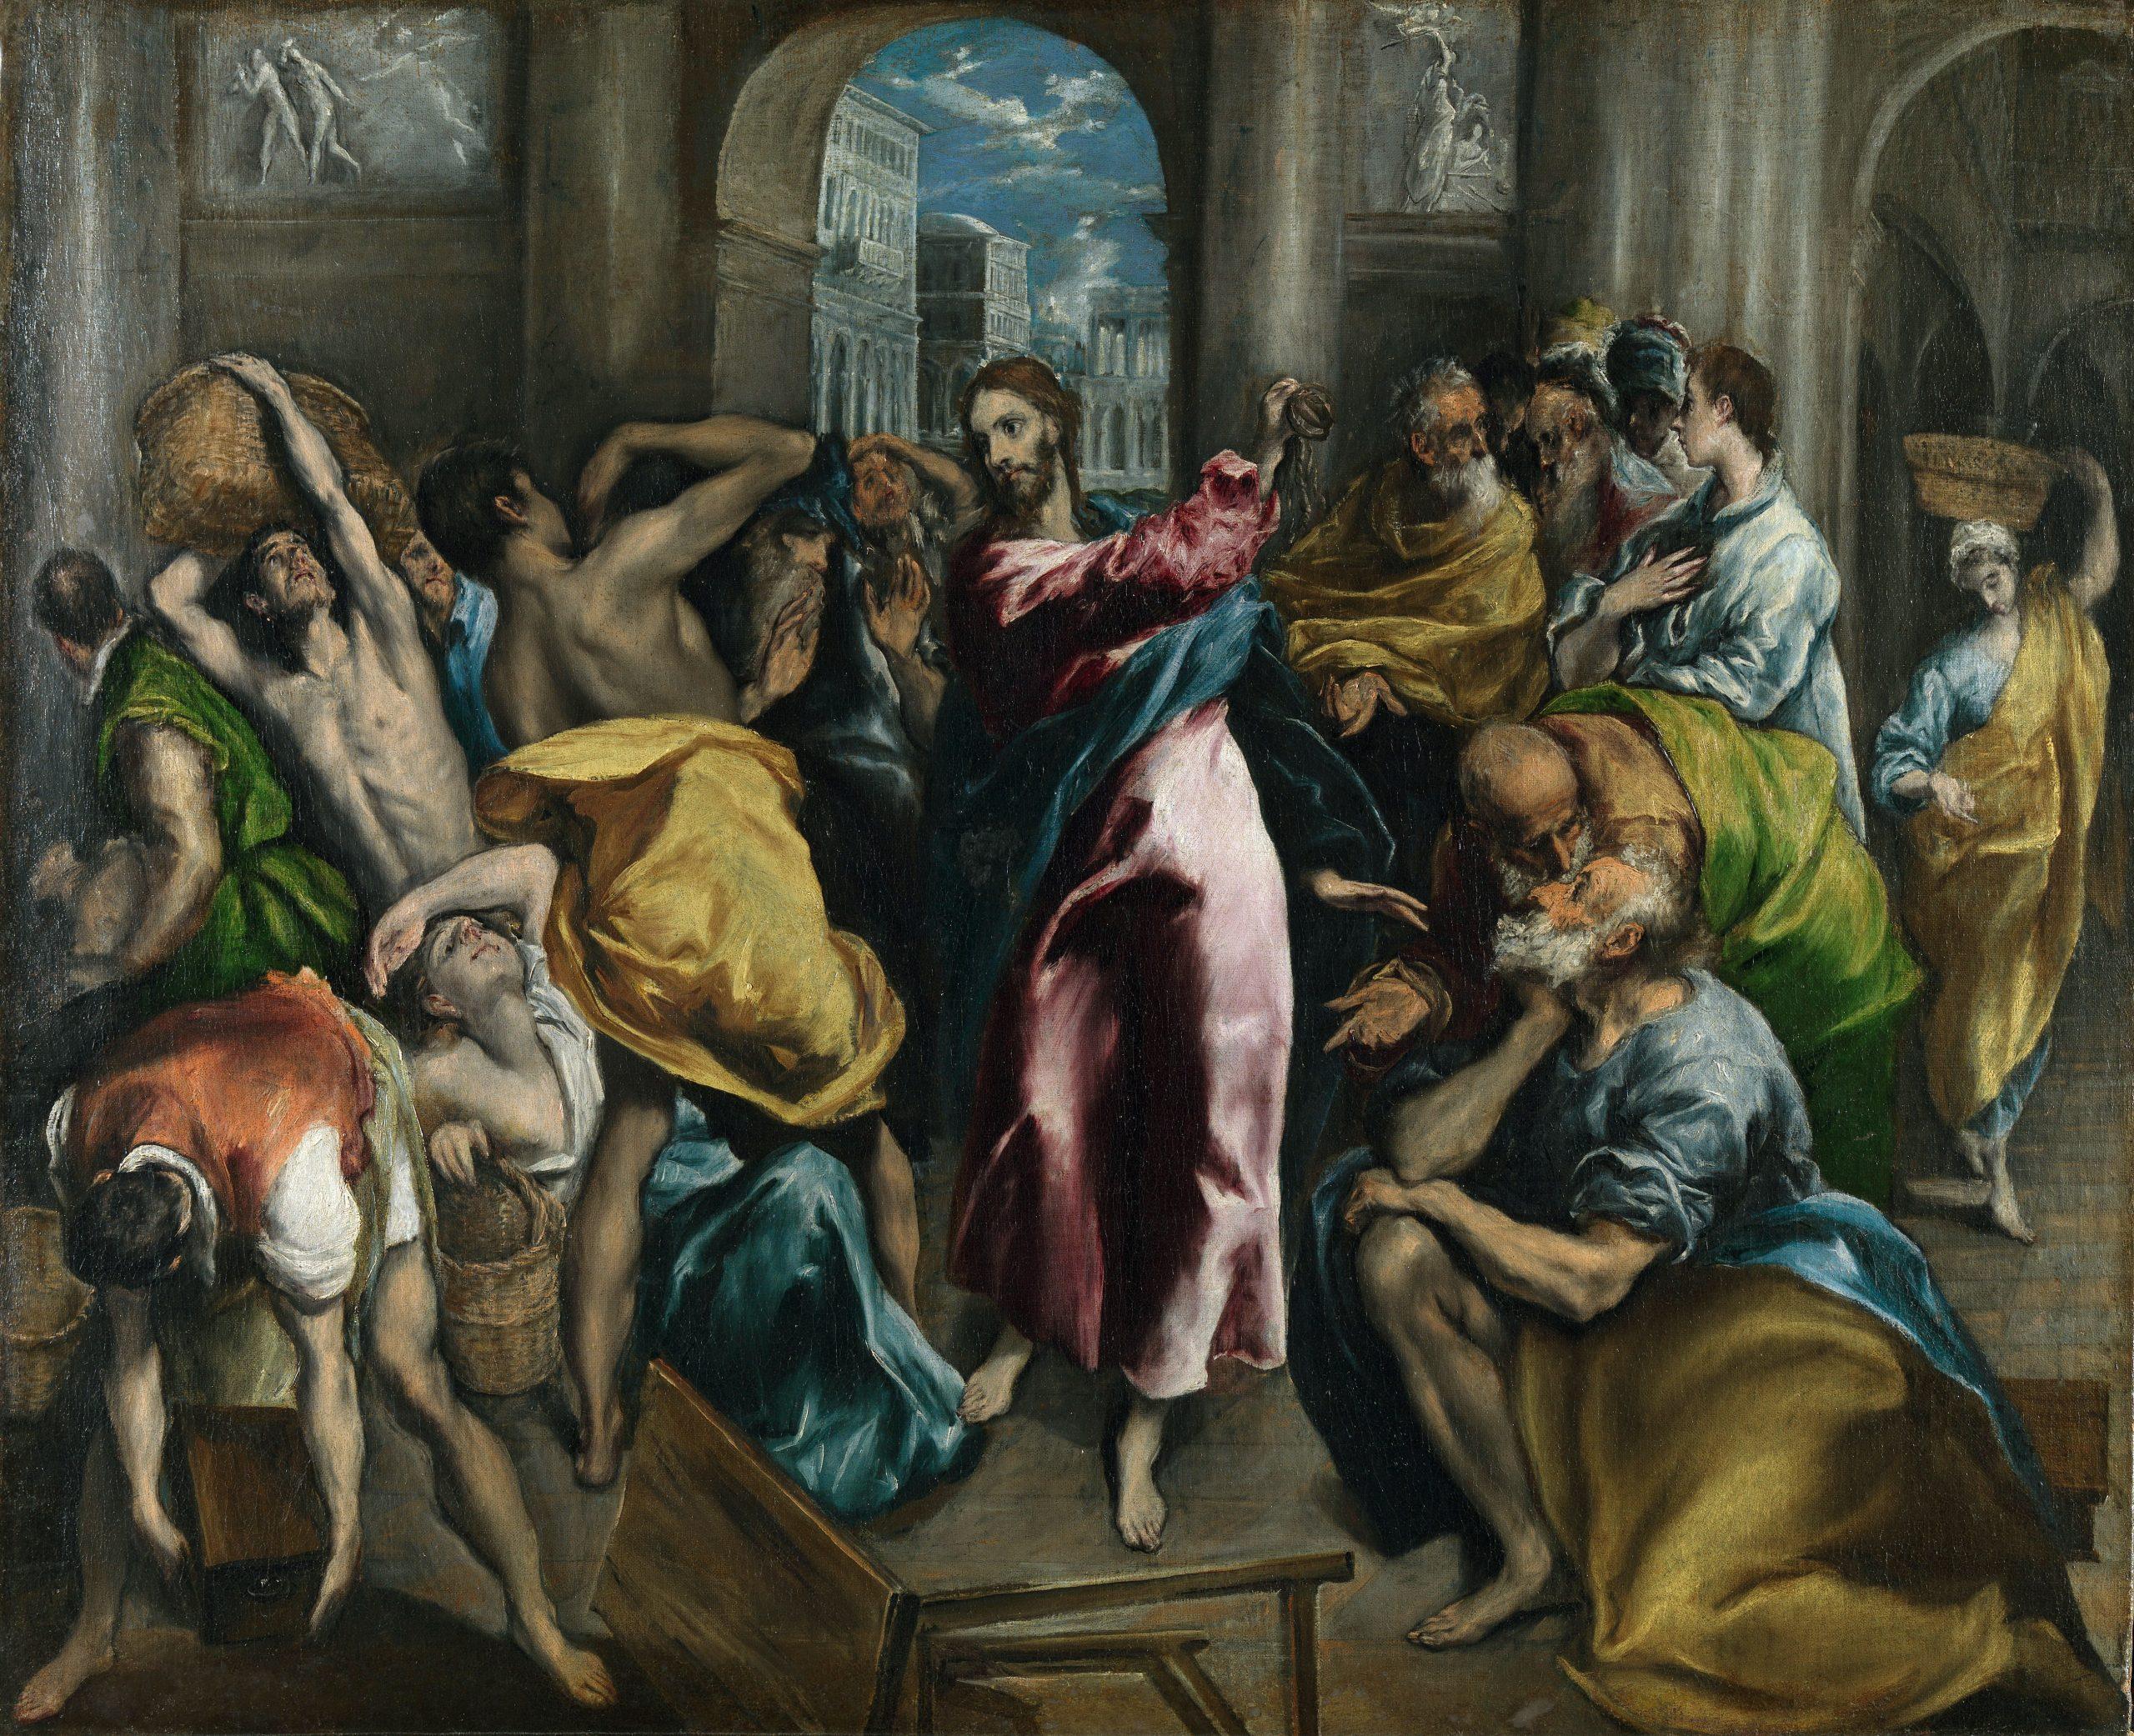 La vie publique de Jésus : faits et dates